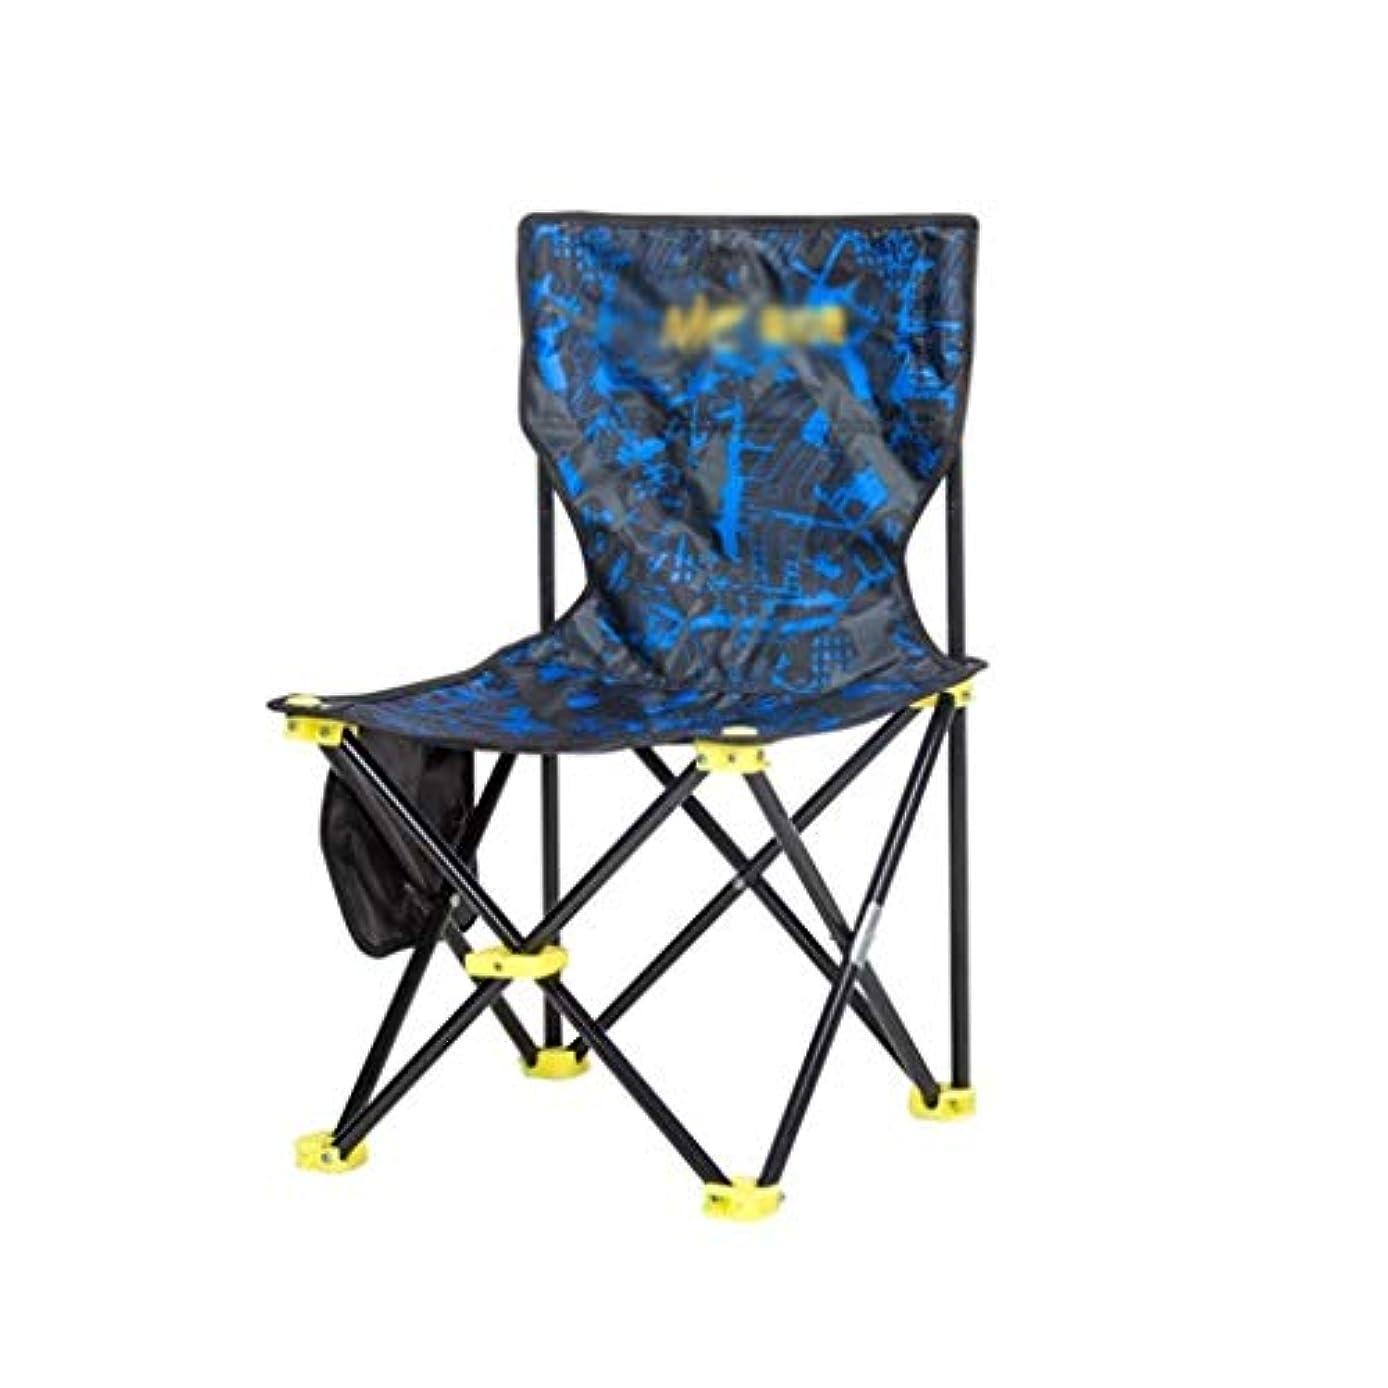 敬な効能申し立て釣り椅子、ポータブル折りたたみスツールキャンプスツールを厚く防水屋外スツール大人のスツール (色 : A, サイズ さいず : 57センチメートル)